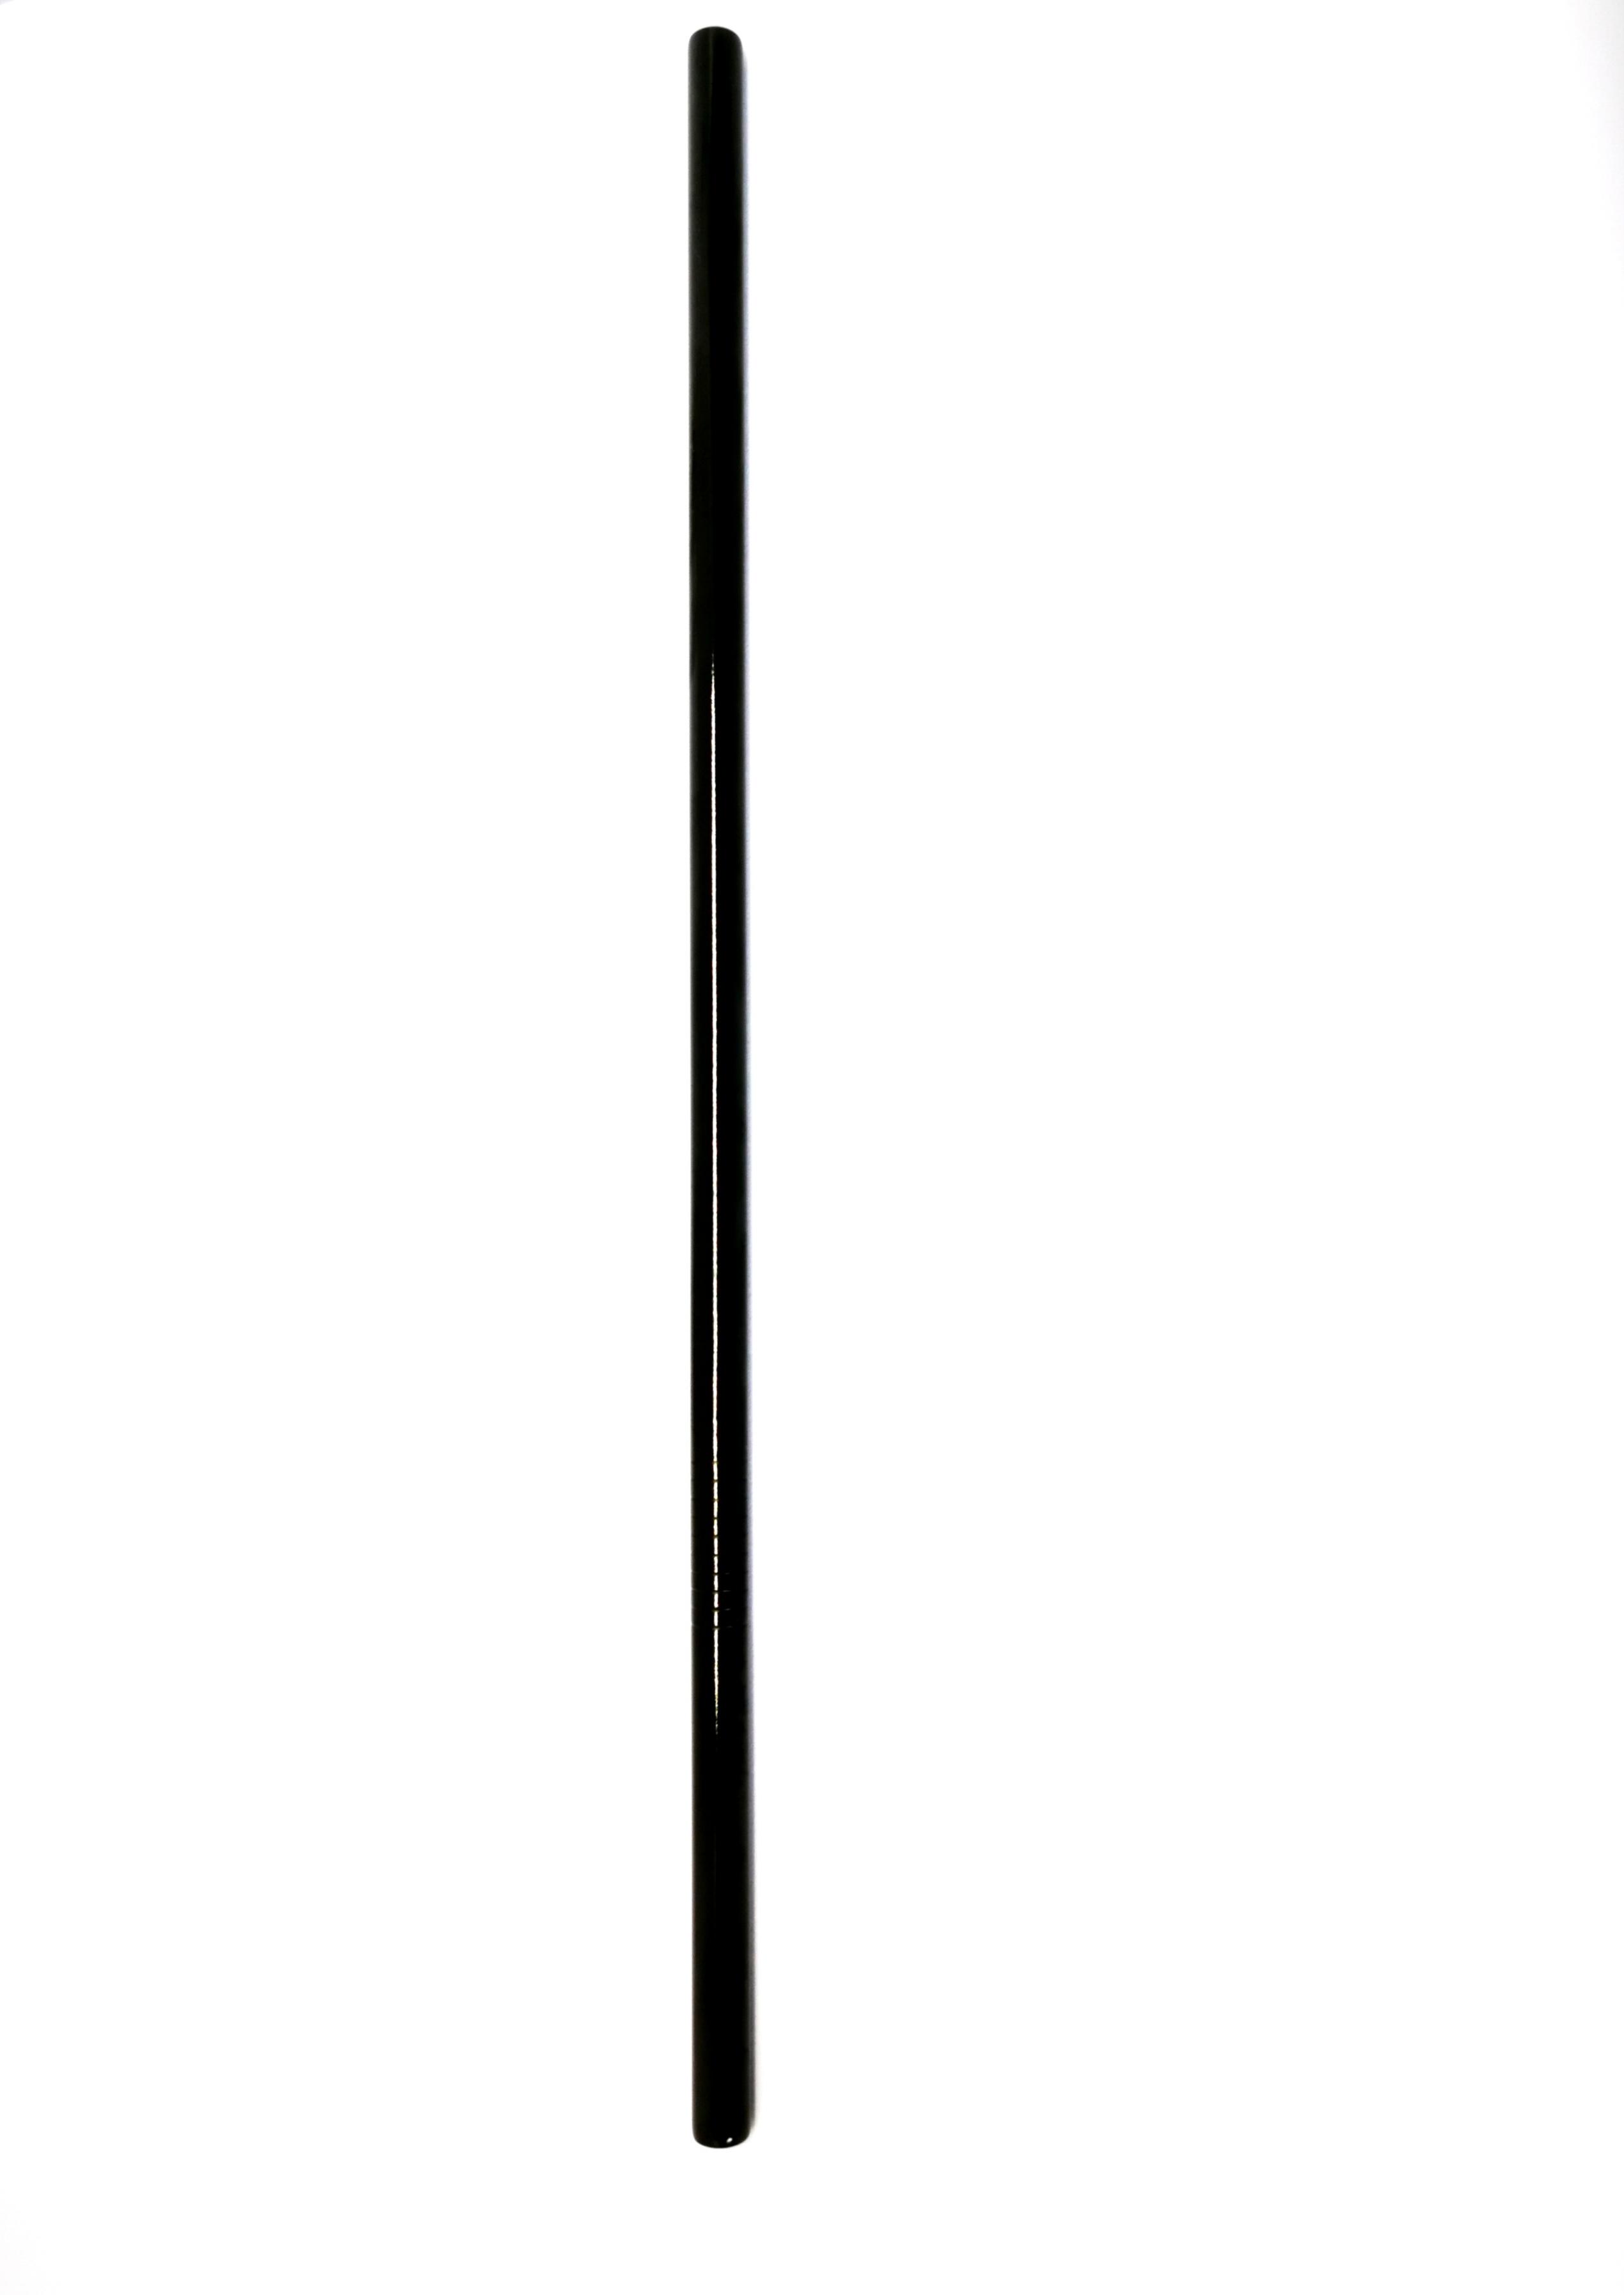 Bombilla Inox - Curvas y rectas | Negra